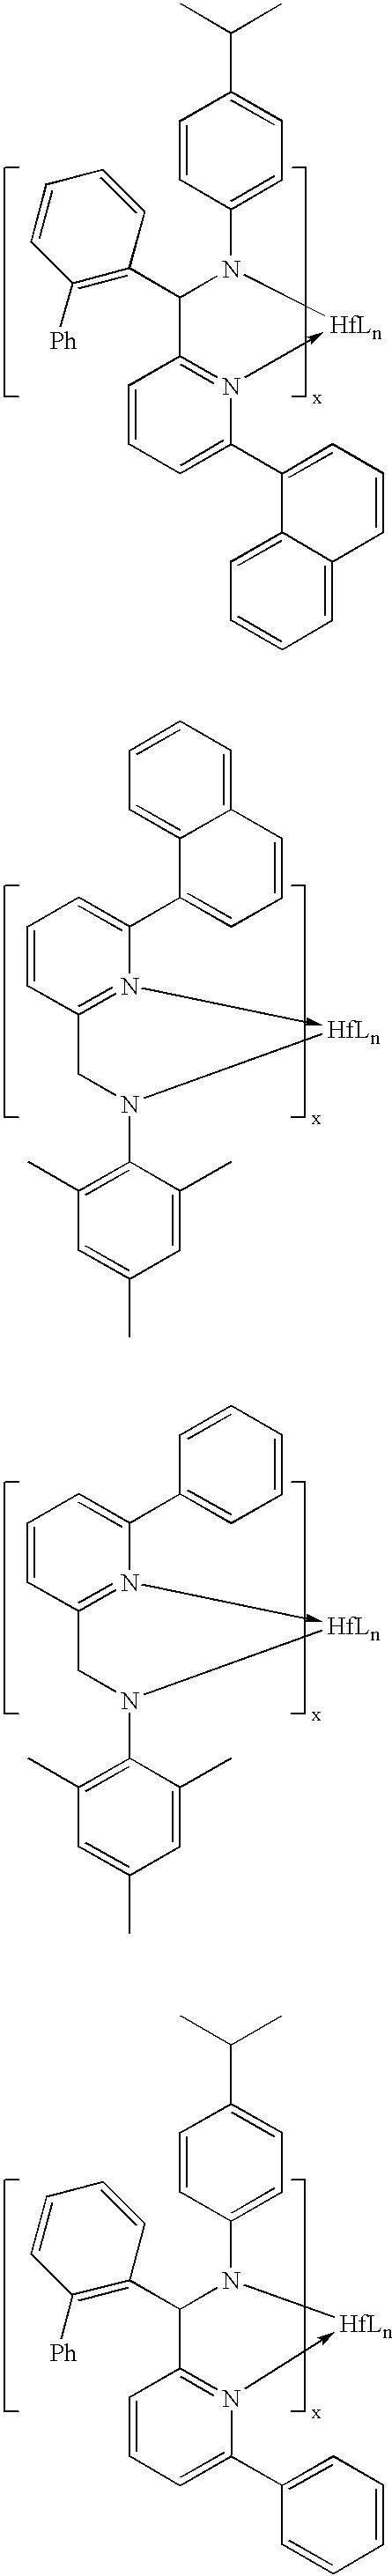 Figure US06906160-20050614-C00014